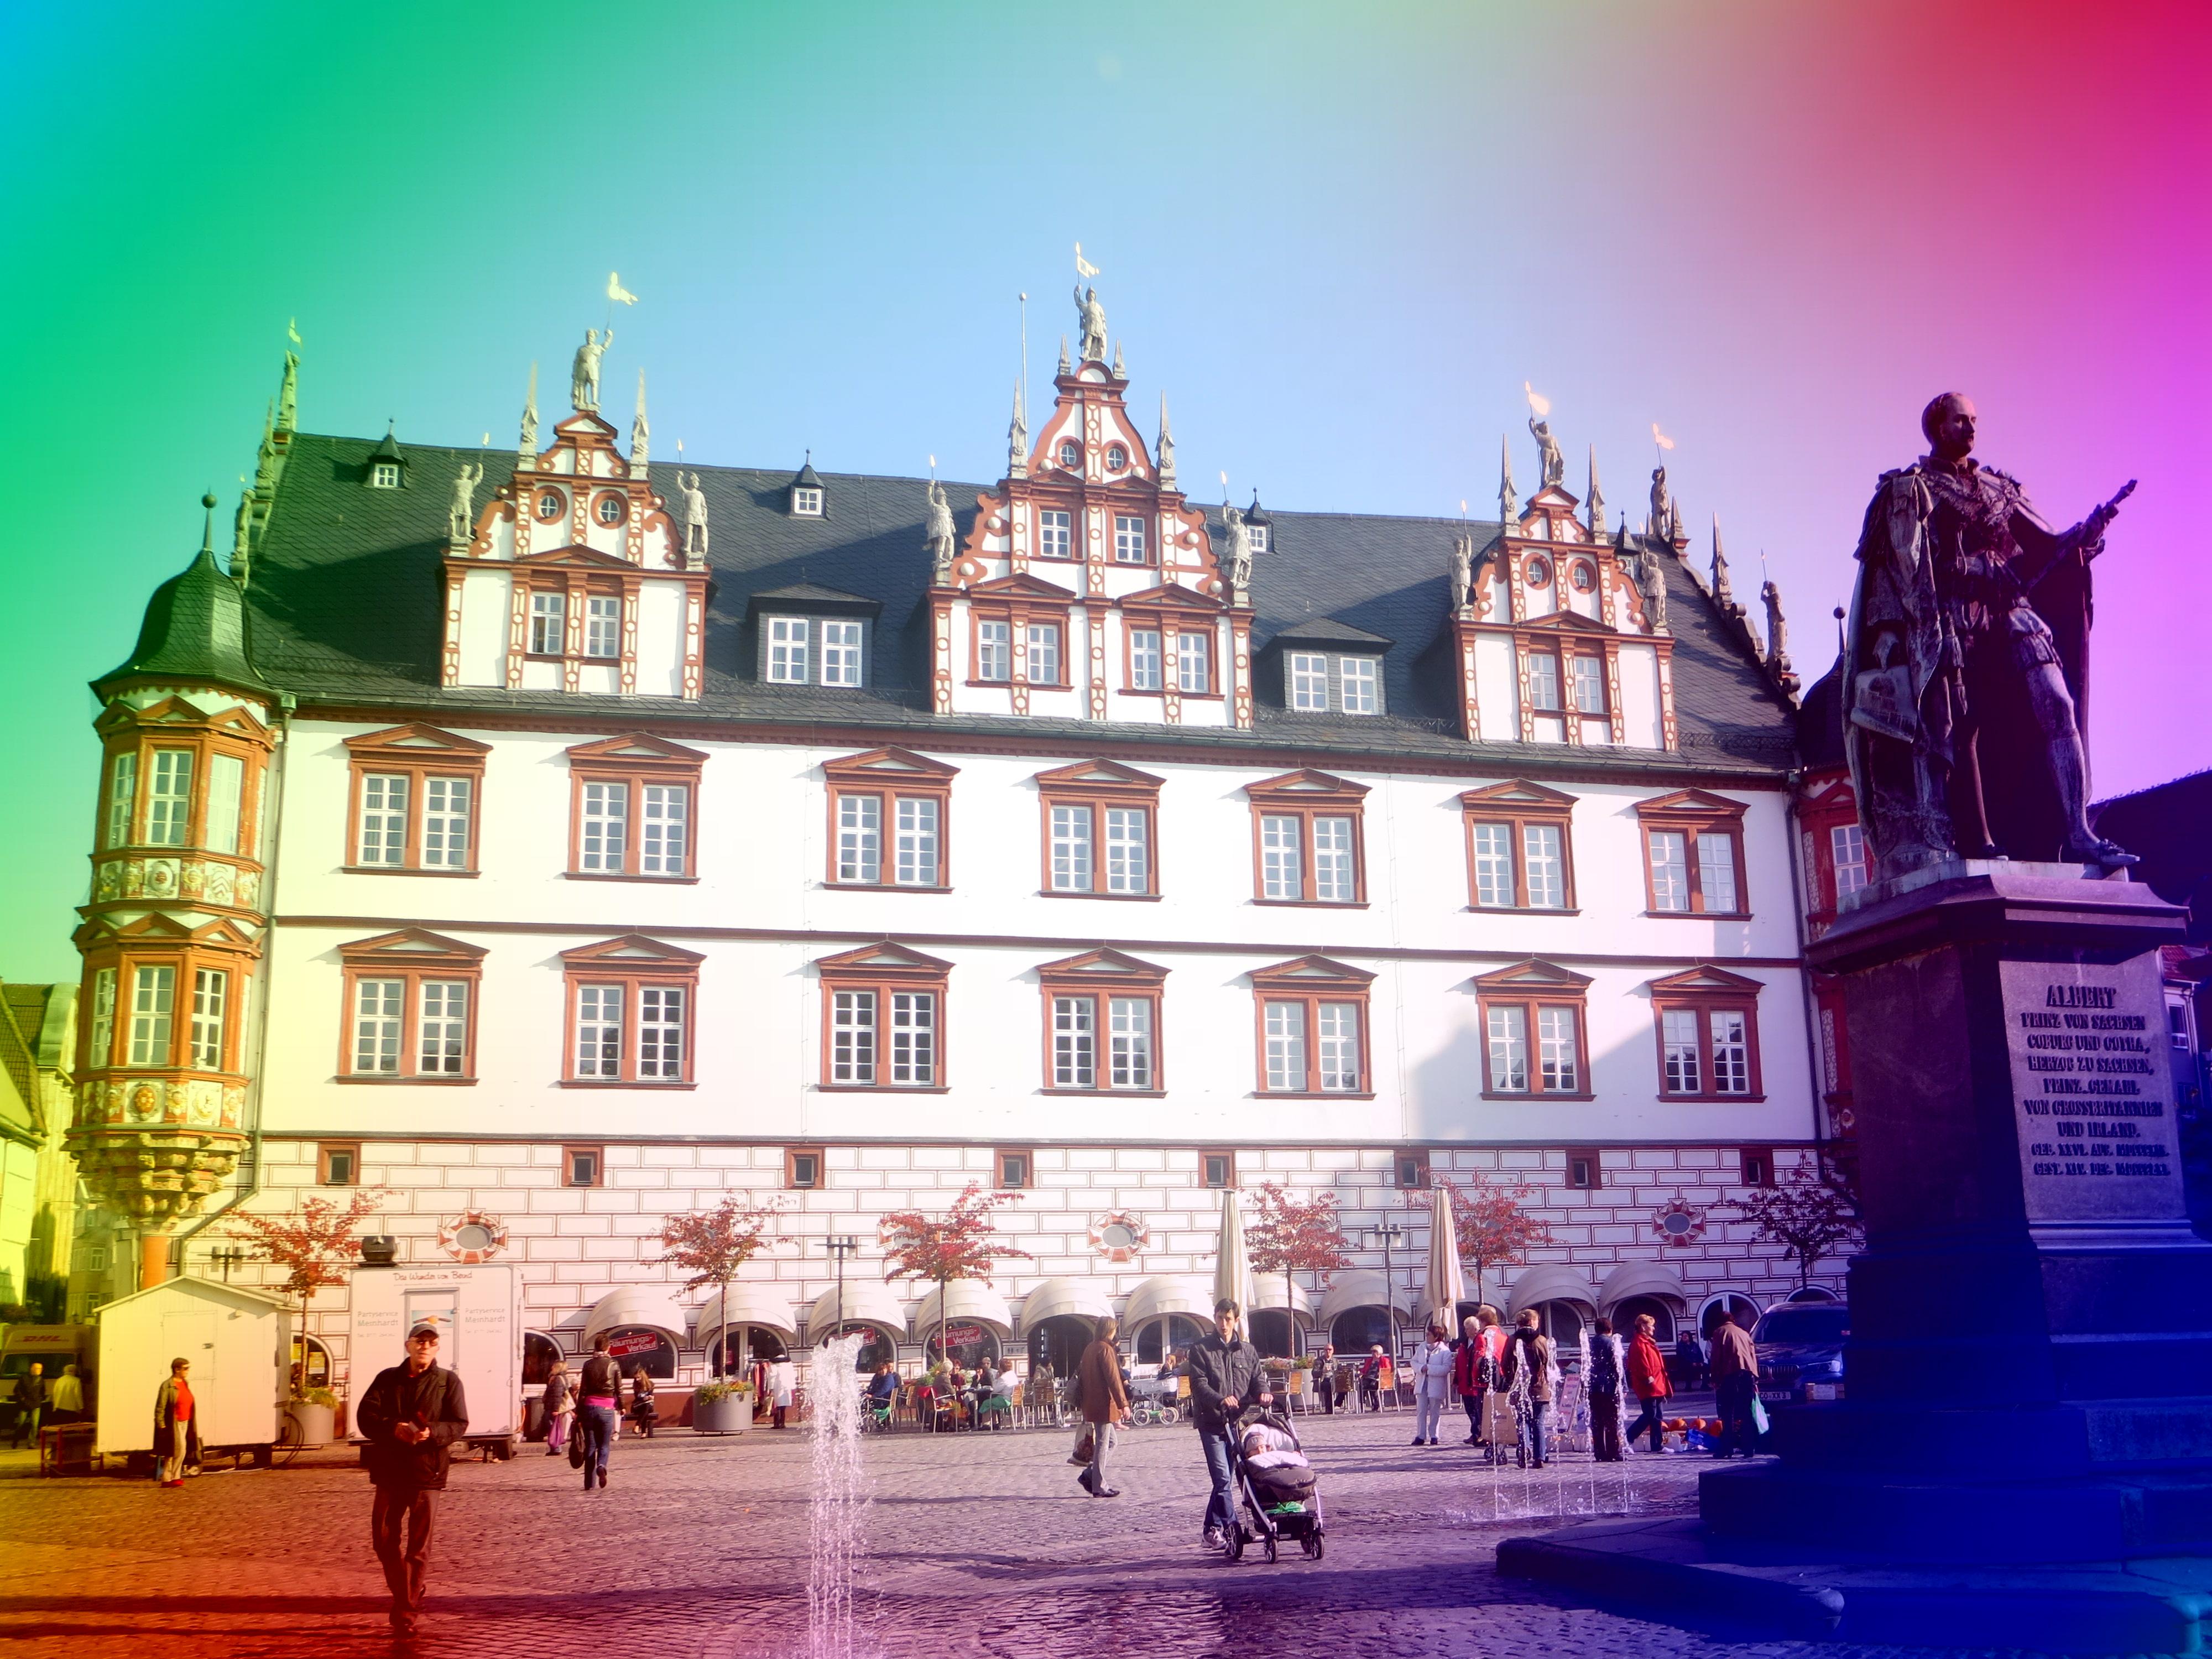 00_Stadtplatz-Coburg-bunt